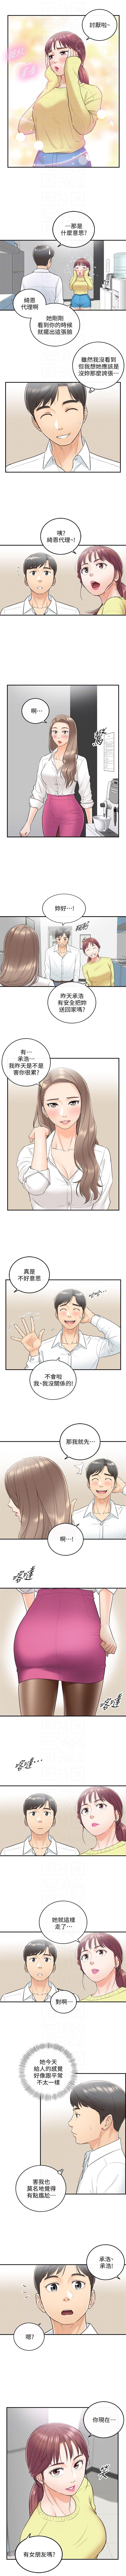 (周5)正妹小主管 1-26 中文翻译(更新中) 44